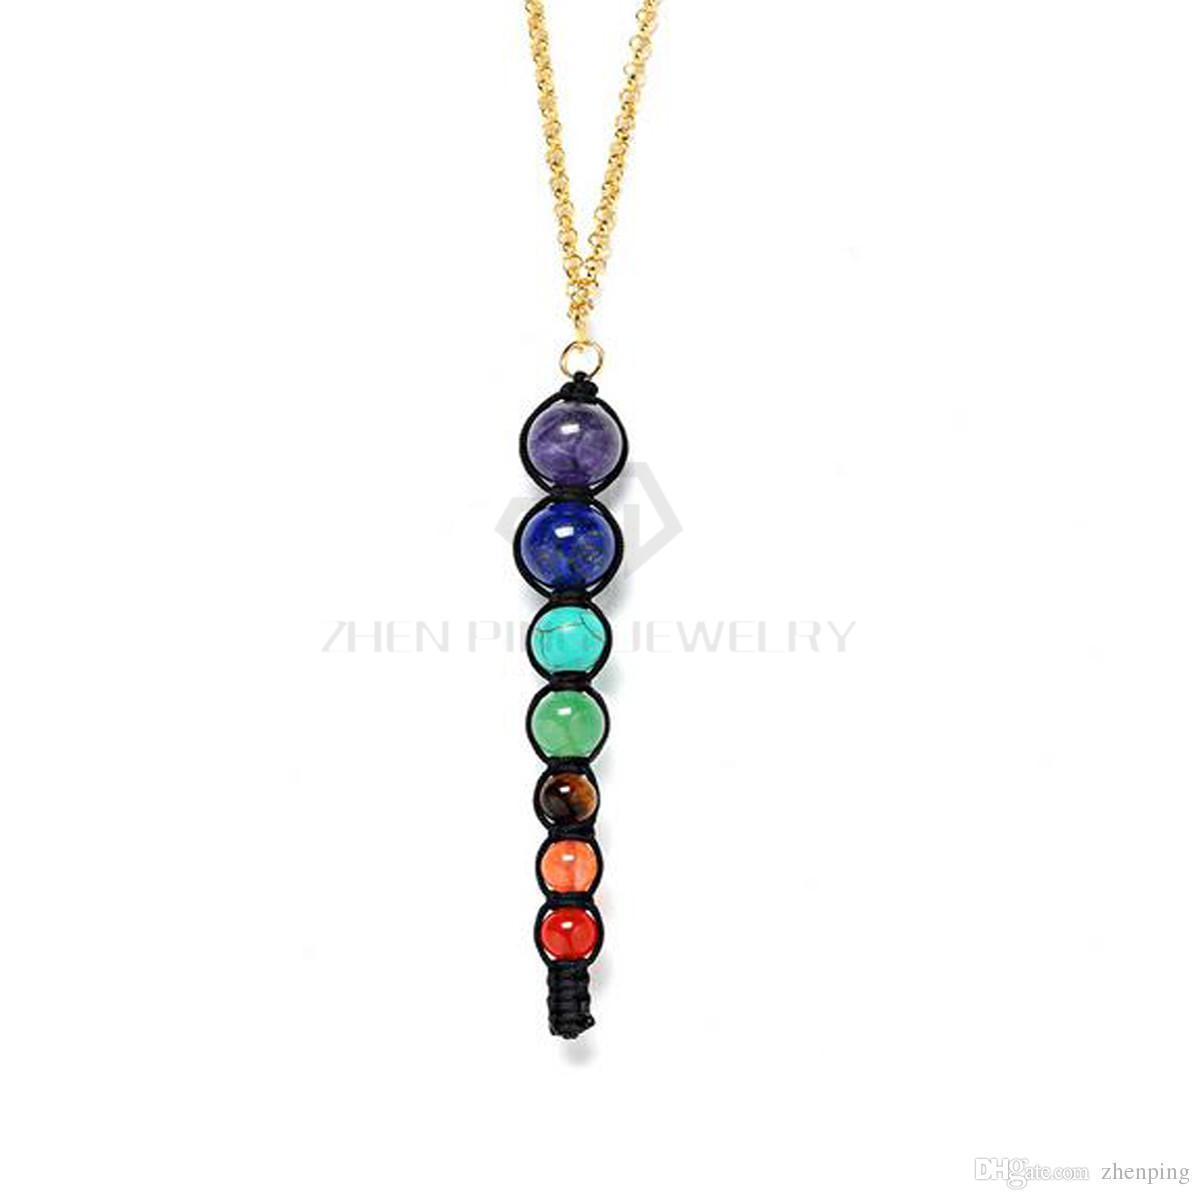 Free Chains Chakra Pendants 6mm 8mm 10mm Round Ball Necklace Shamballa Pendant Chakra Jewelry Pendants